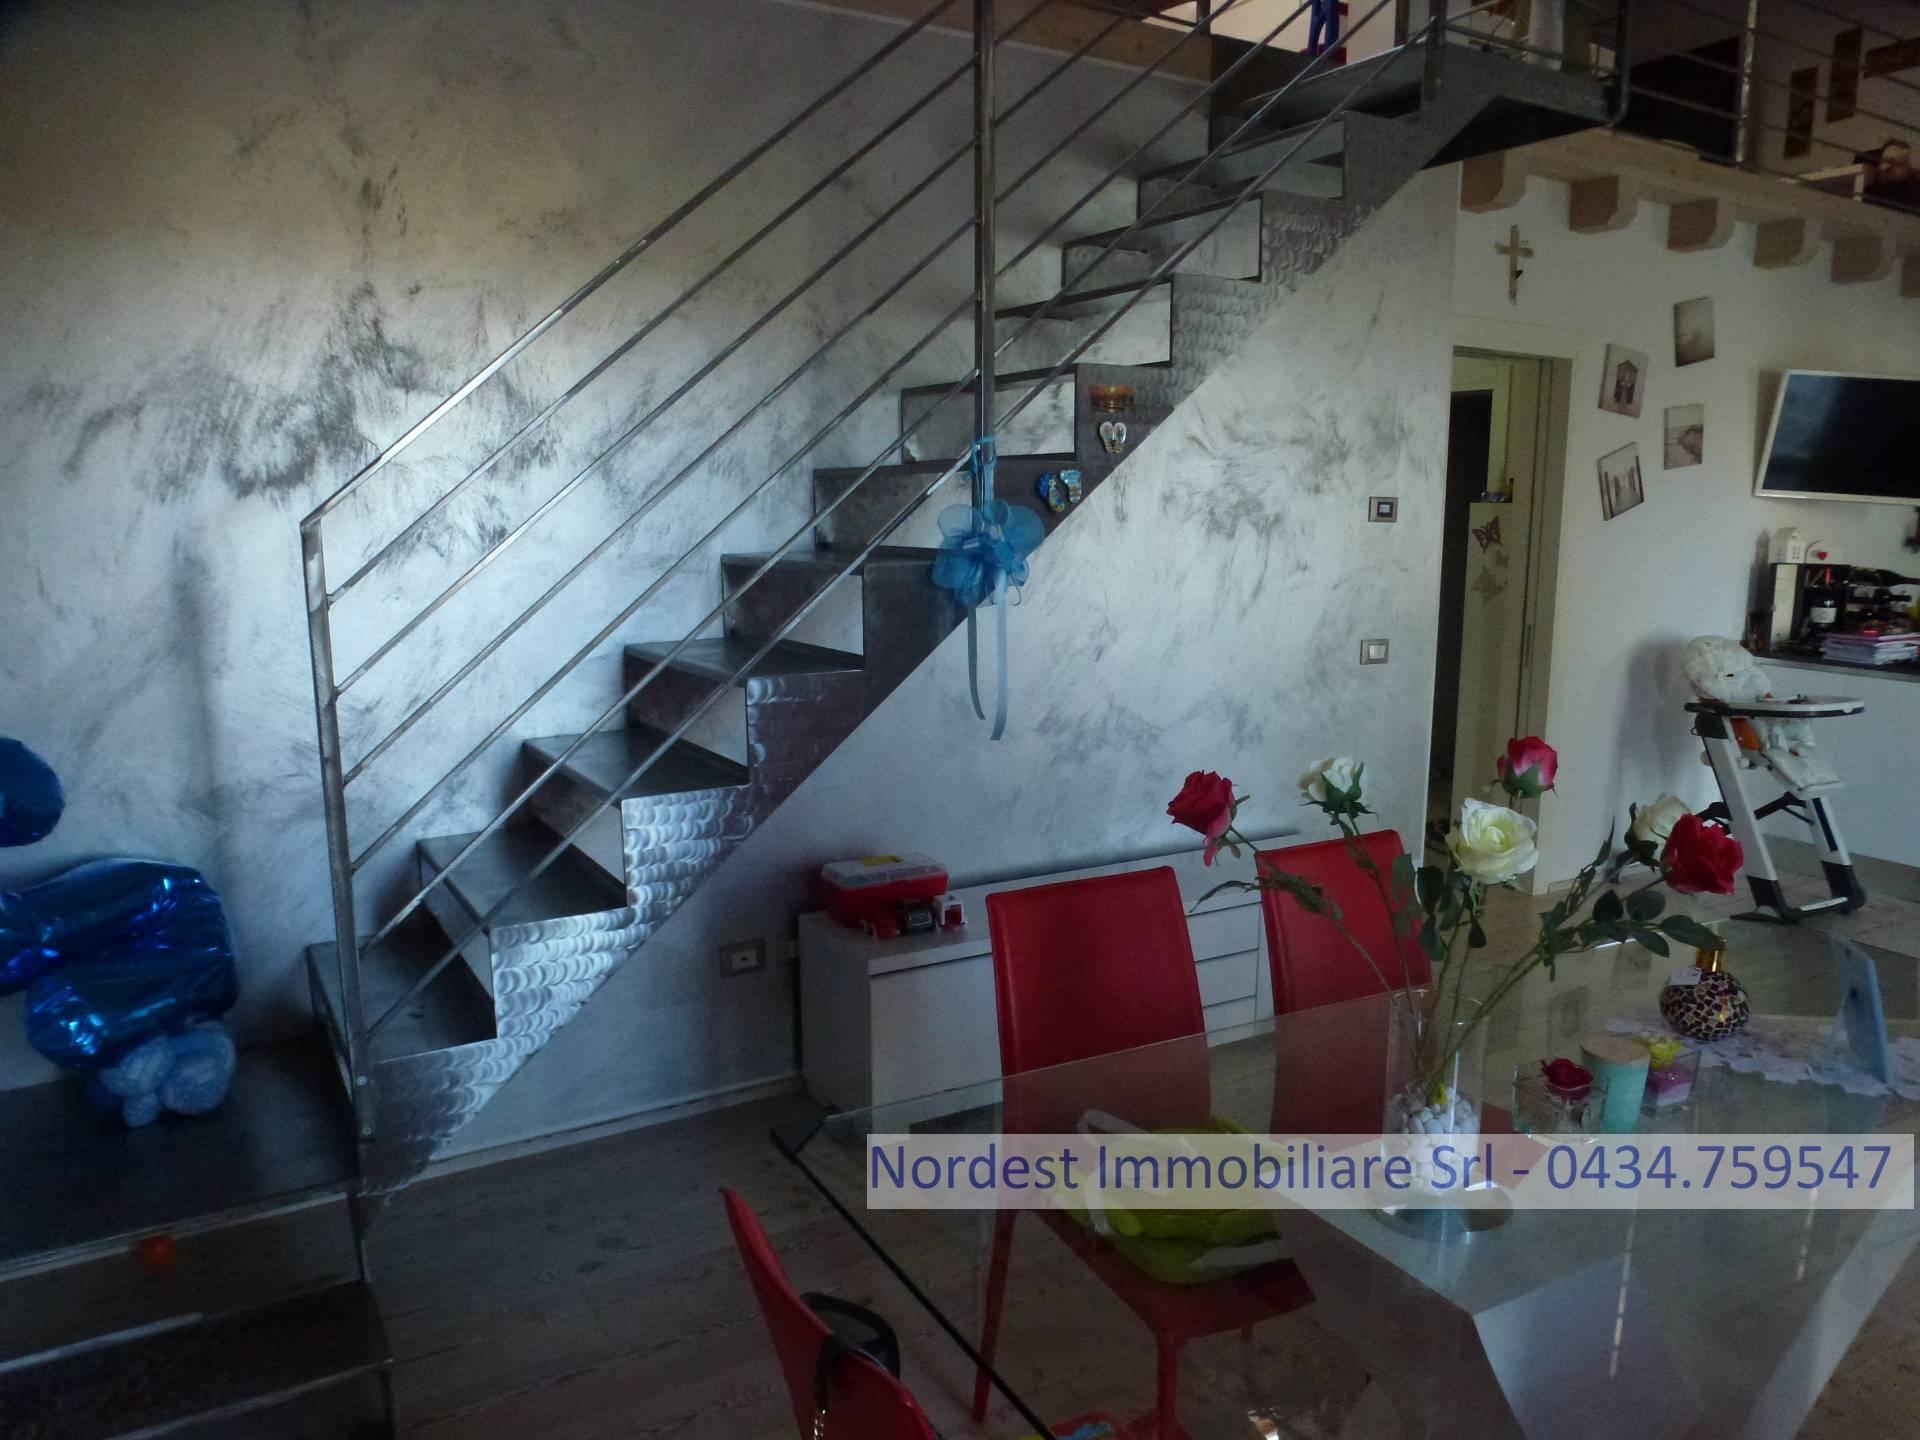 Villa Bifamiliare in vendita a Prata di Pordenone, 8 locali, Trattative riservate | CambioCasa.it